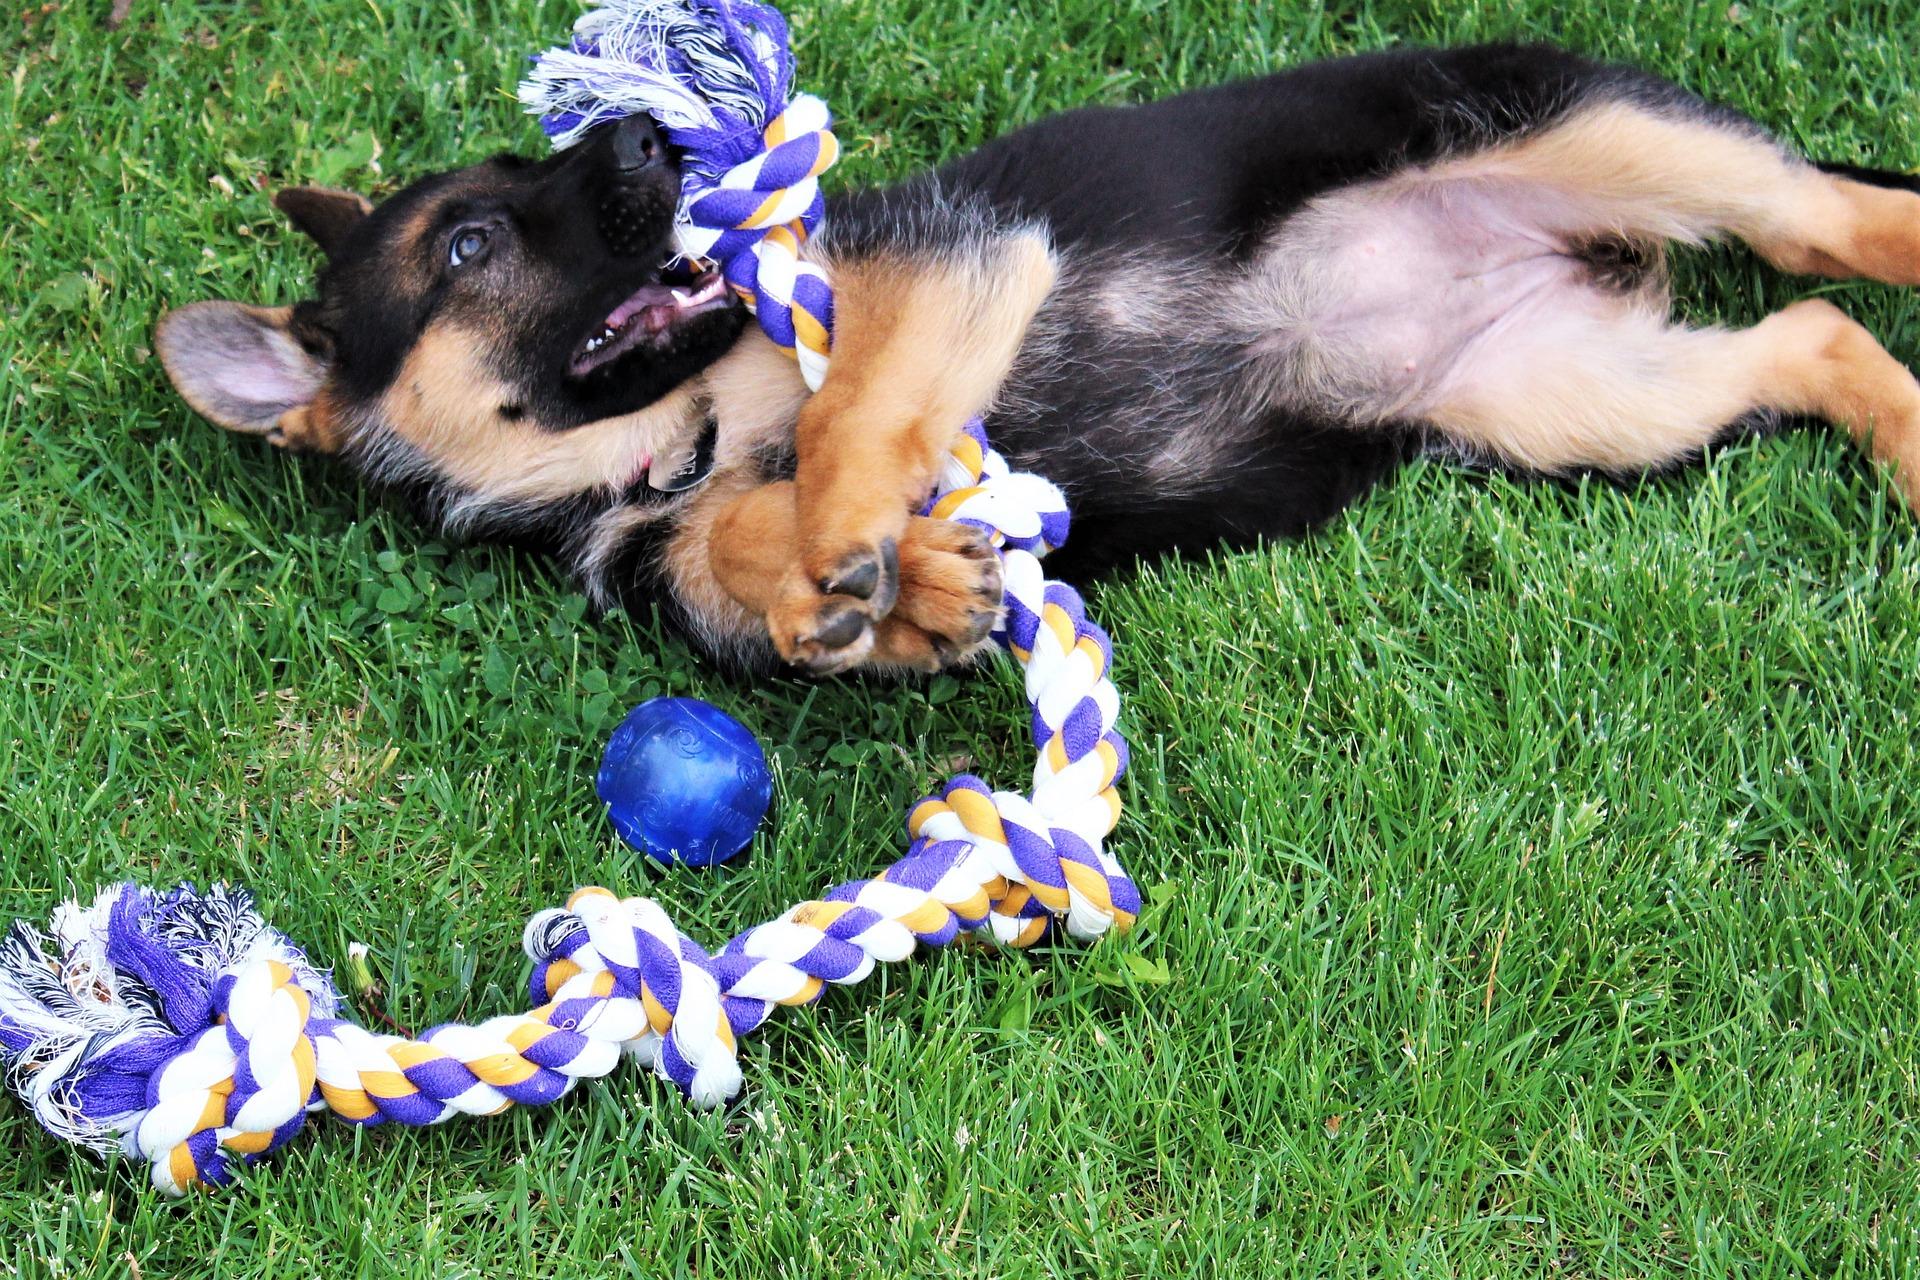 Sznury do zabawy pomagają budować więź między opiekunem i psem. Wspólna zabawa jest świetnie spędzonym czasem.